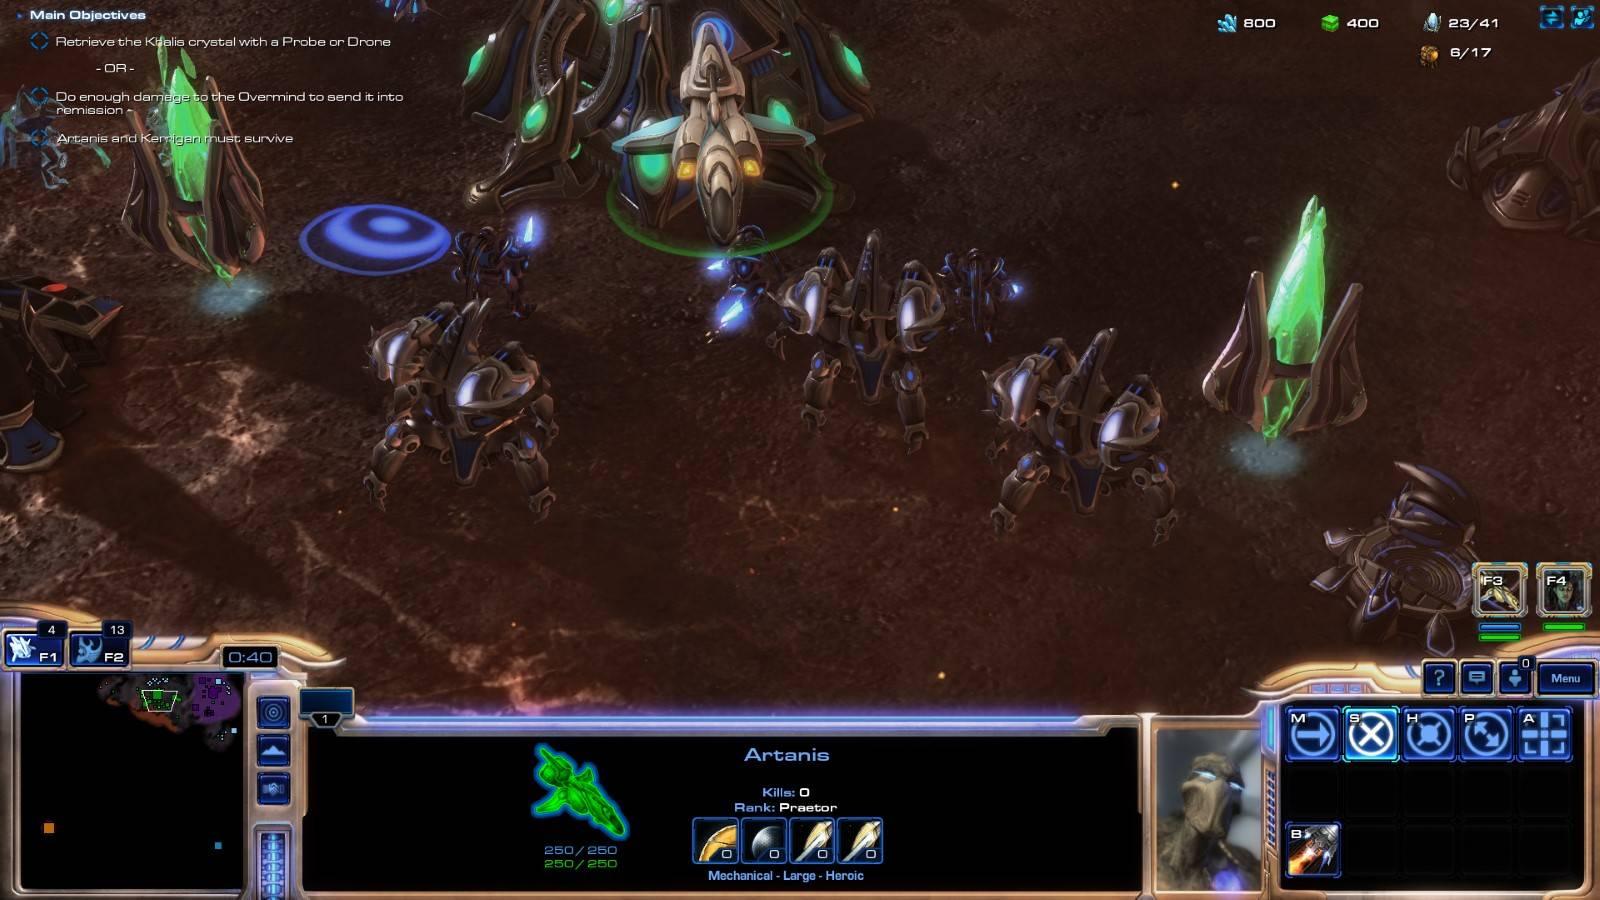 Энтузиасты выпустили финальную версию ремейка StarCraft на движке второй части